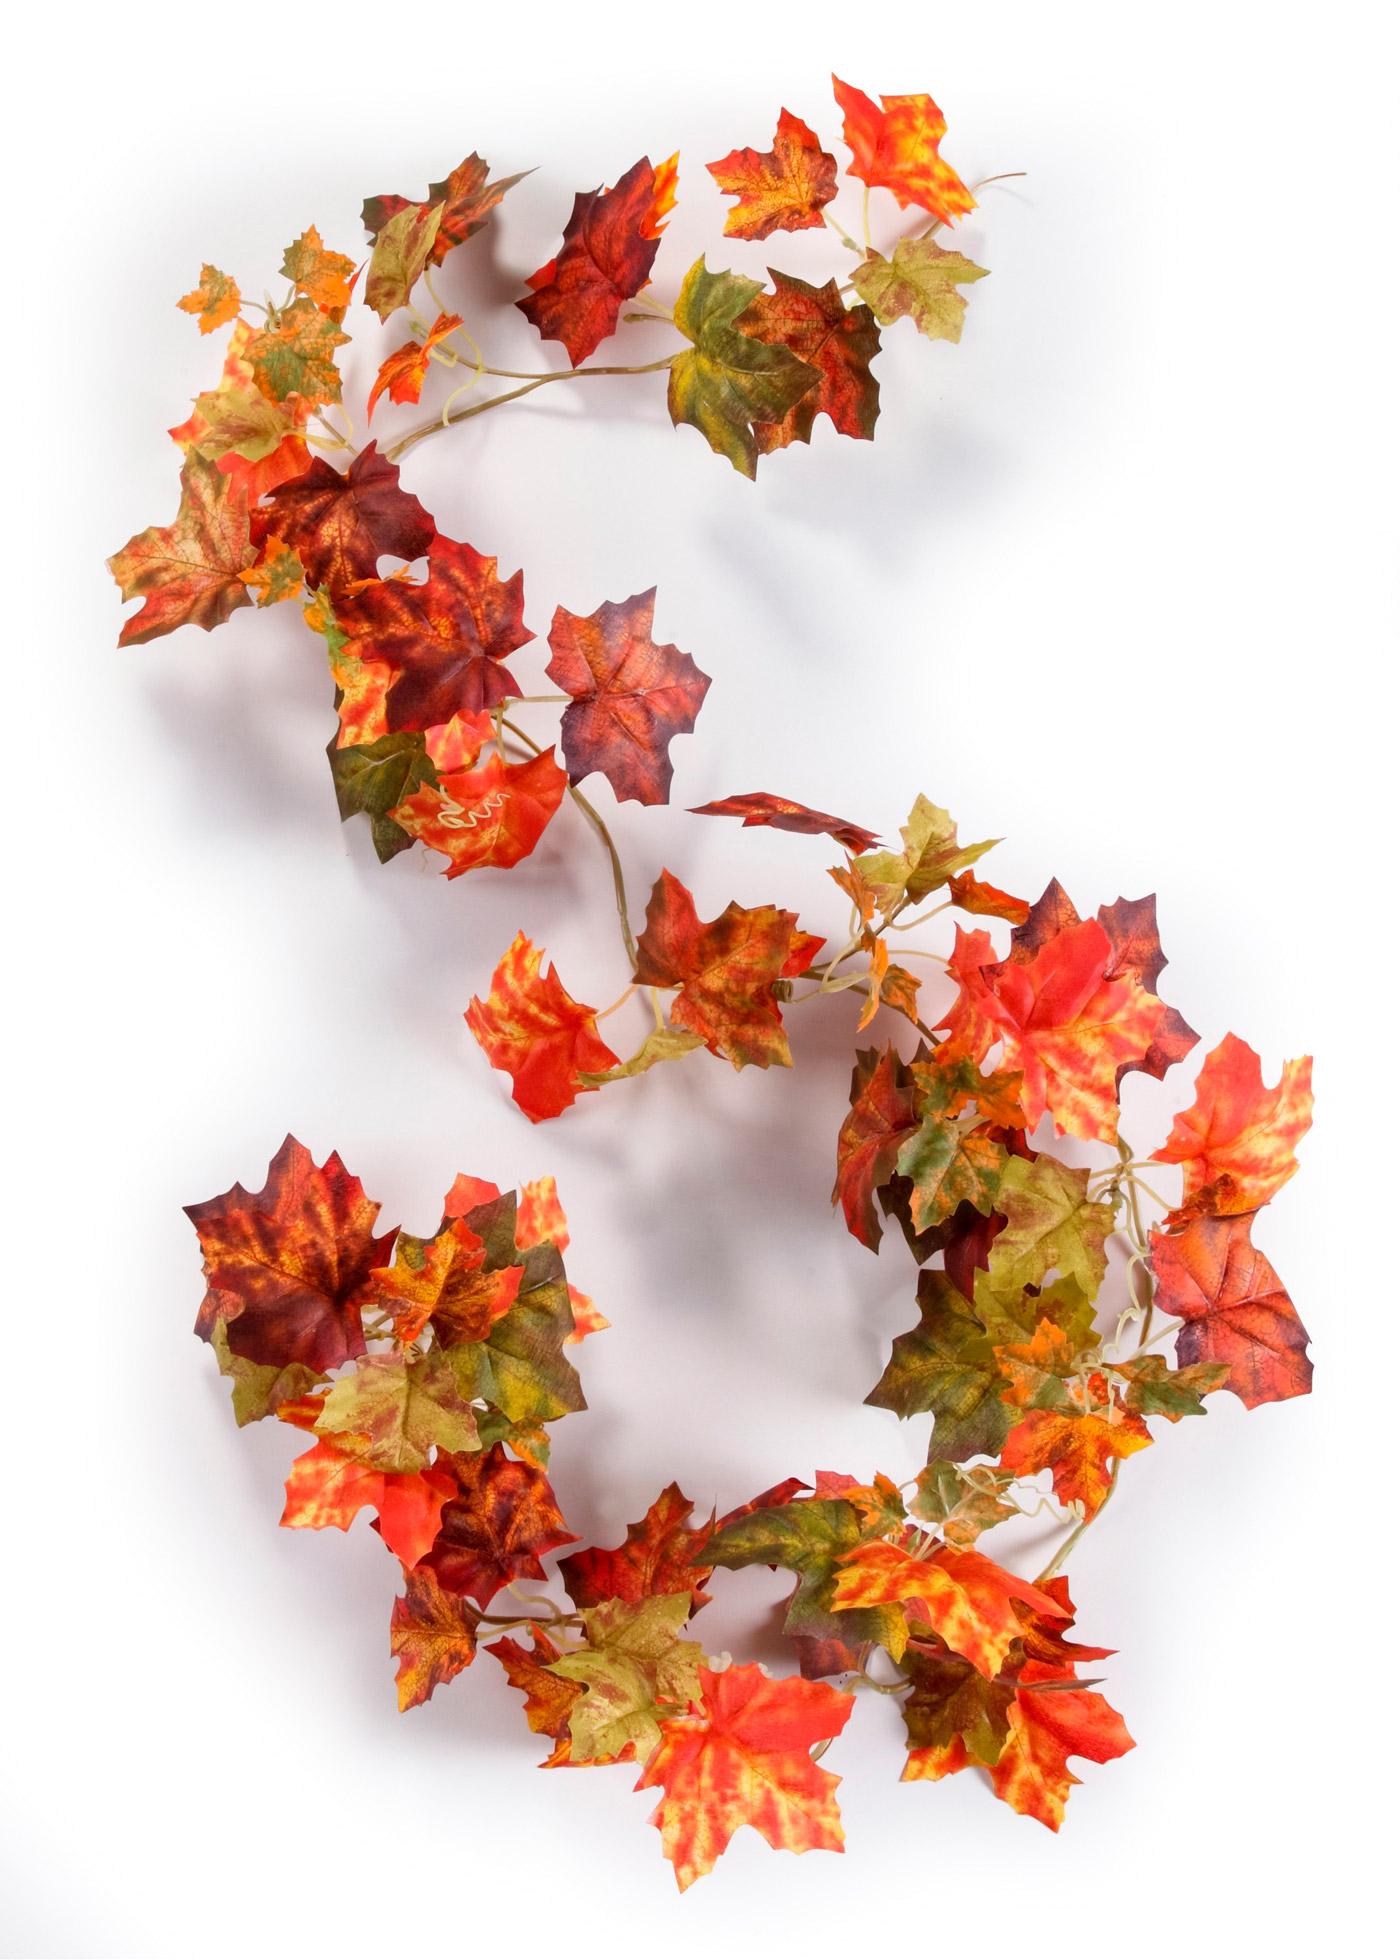 Ghirlanda artificiale con foglie autunnali (Rosso) - bpc living bonprix collection